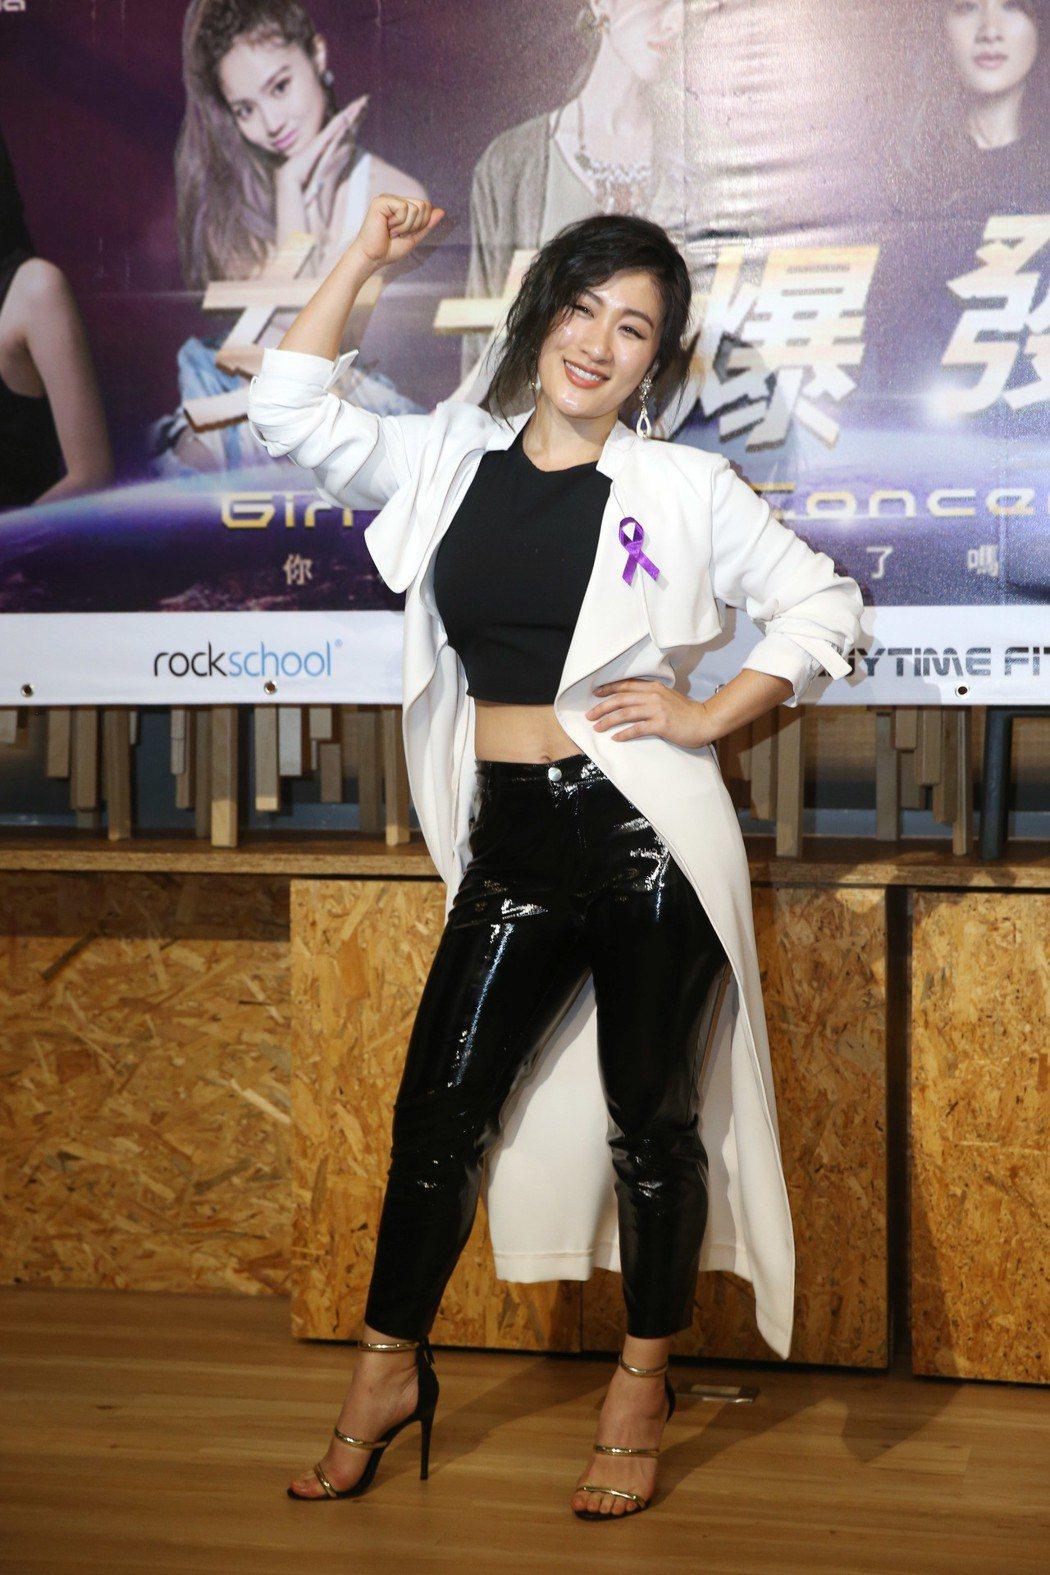 梁心頤、劉明湘(圖)、微甜女孩將在台中舉辦一場女力爆發演唱會。記者邱德祥/攝影